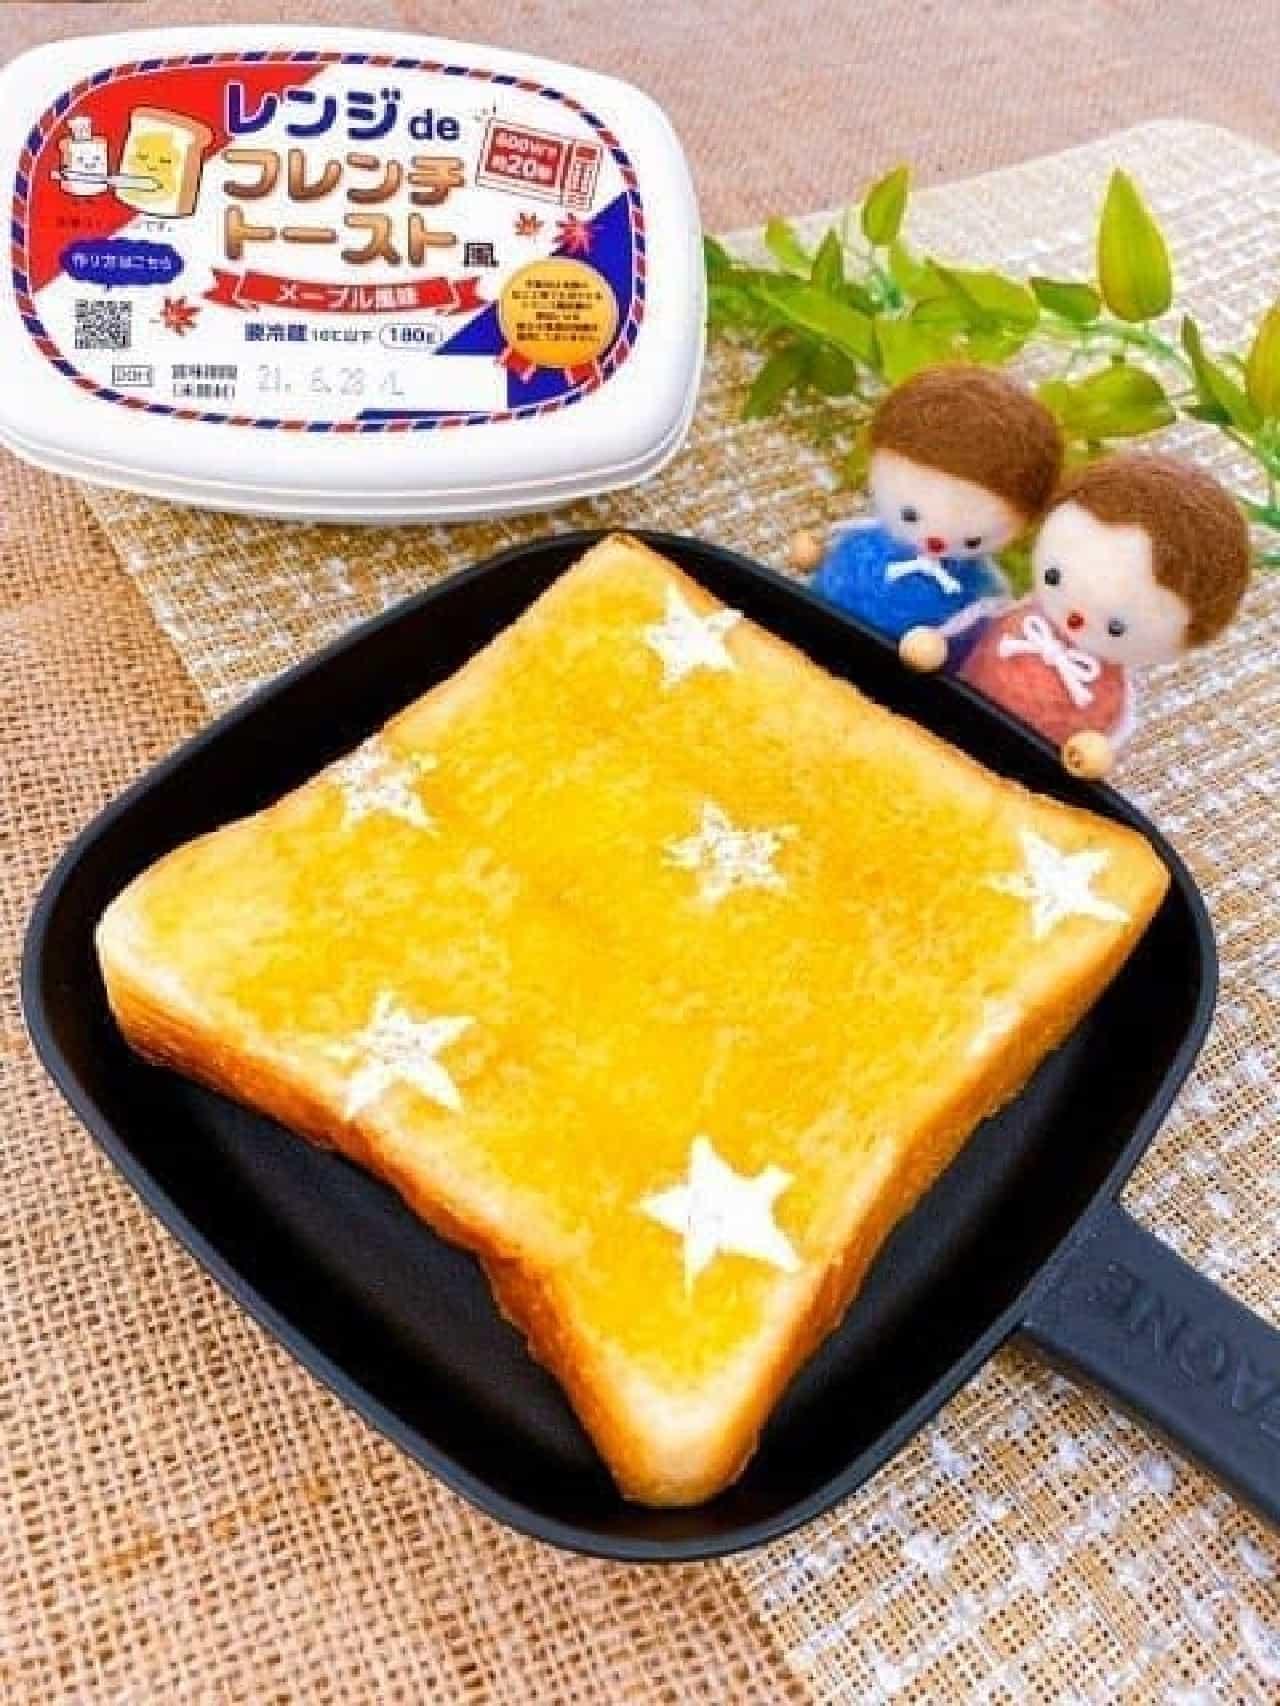 「レンジdeフレンチトースト風」で作ったフレンチトースト